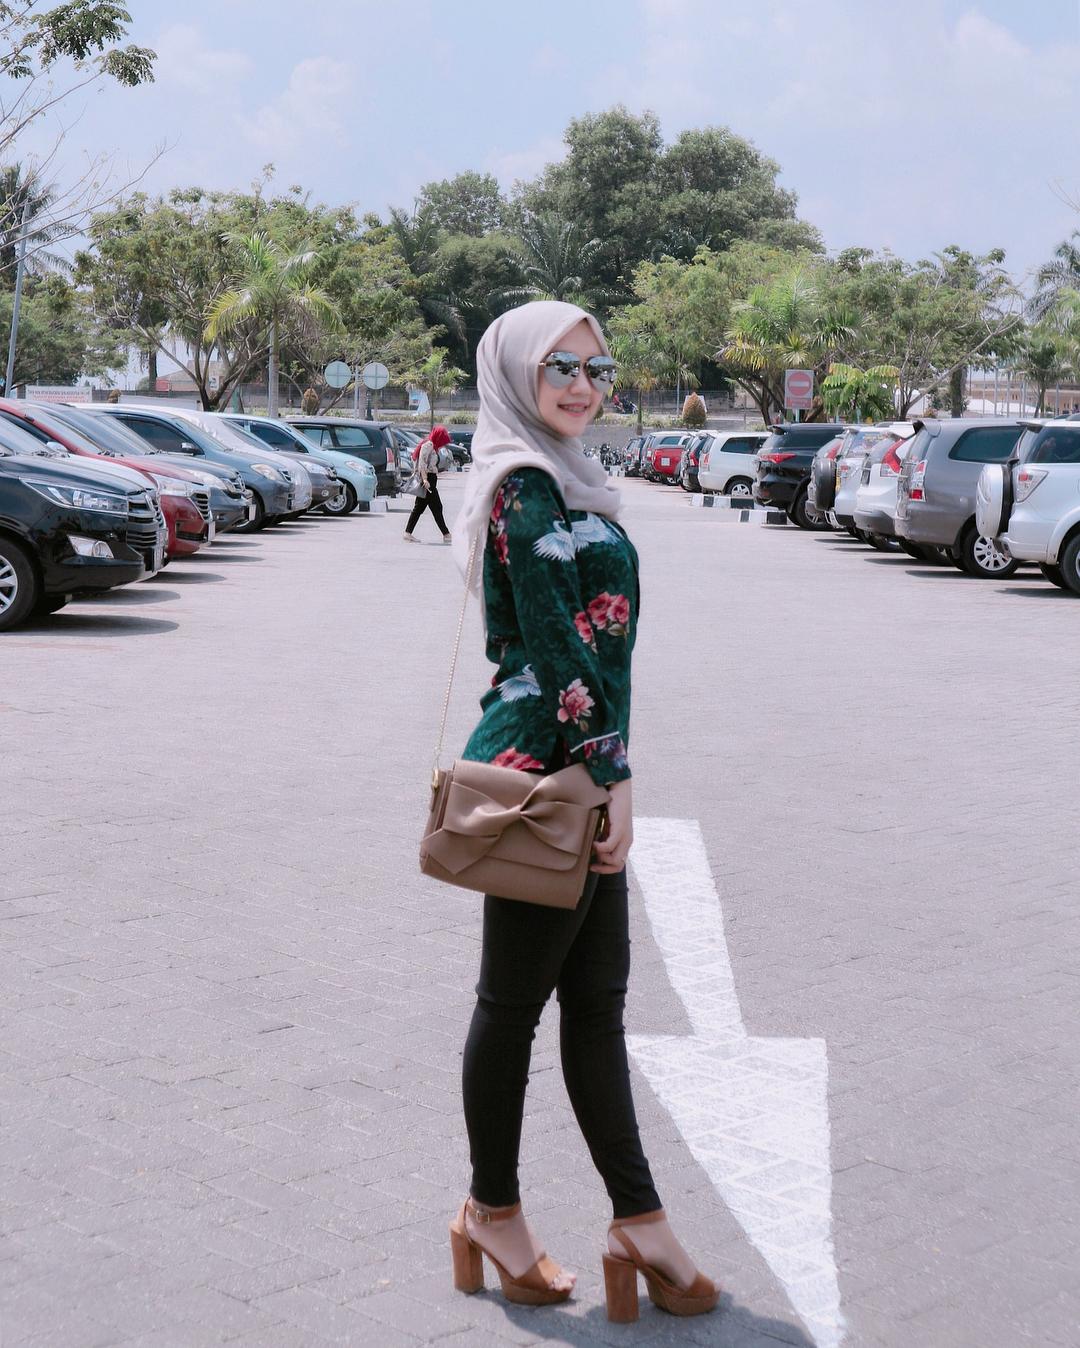 Indonesia cewek cantik dan manis - 2 5